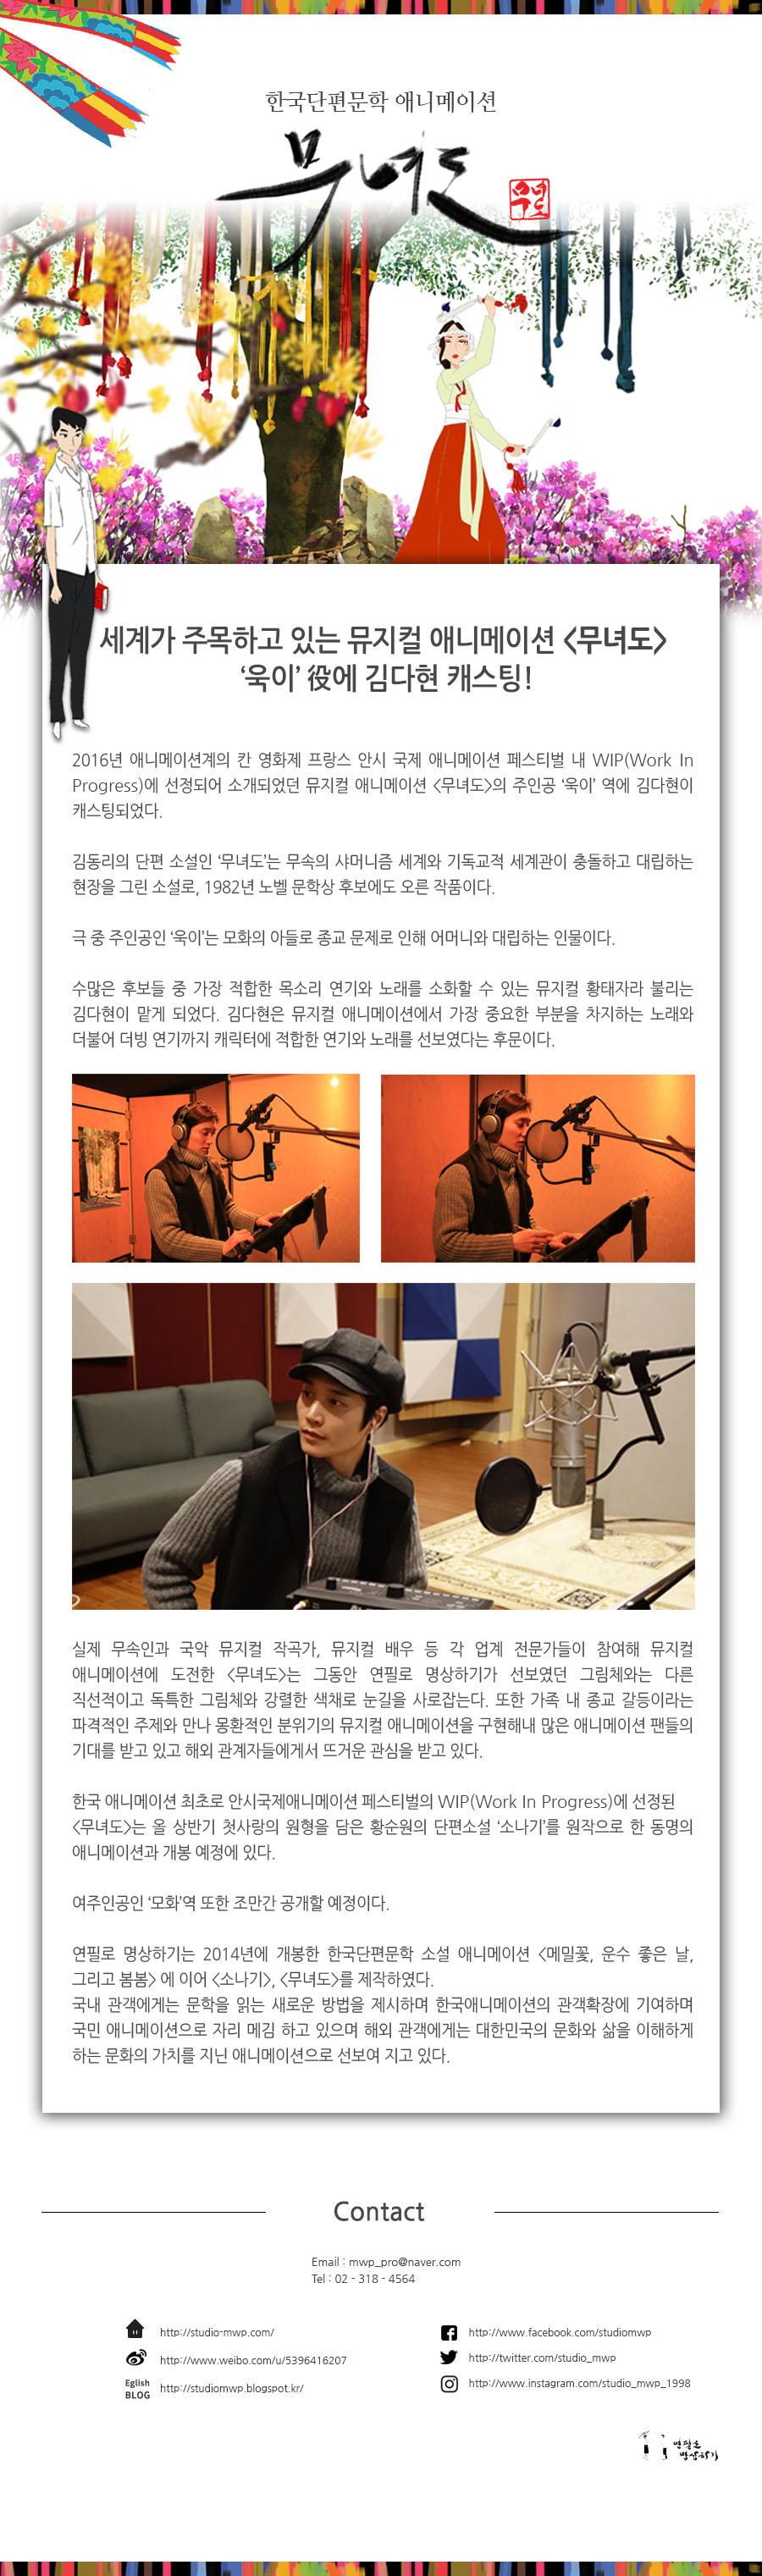 김다현 캐스팅 메일링 studio.jpg